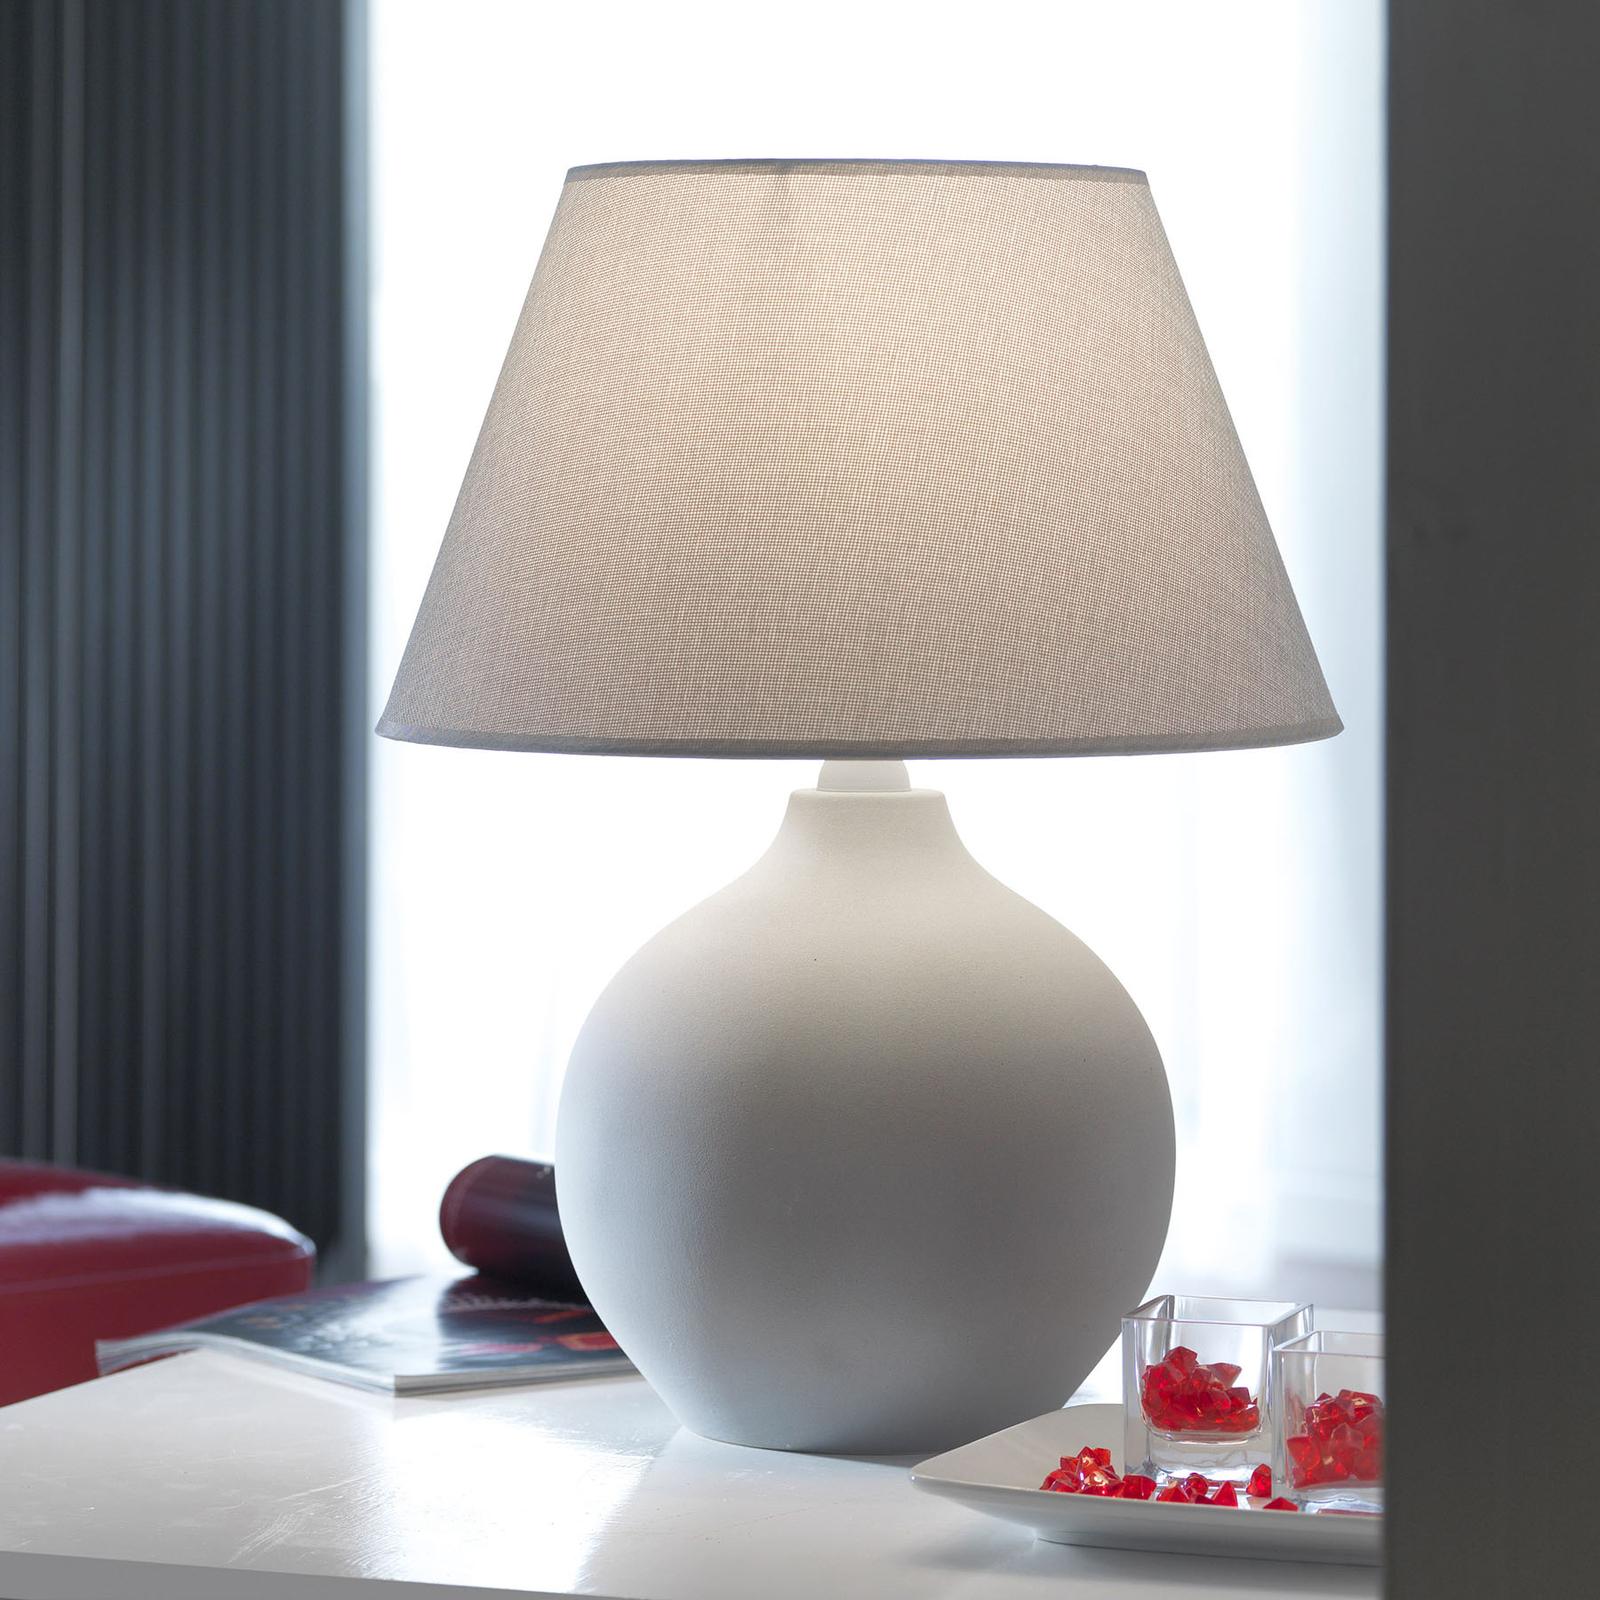 Pöytälamppu Sfera, korkeus 53 cm, sementti/harmaa